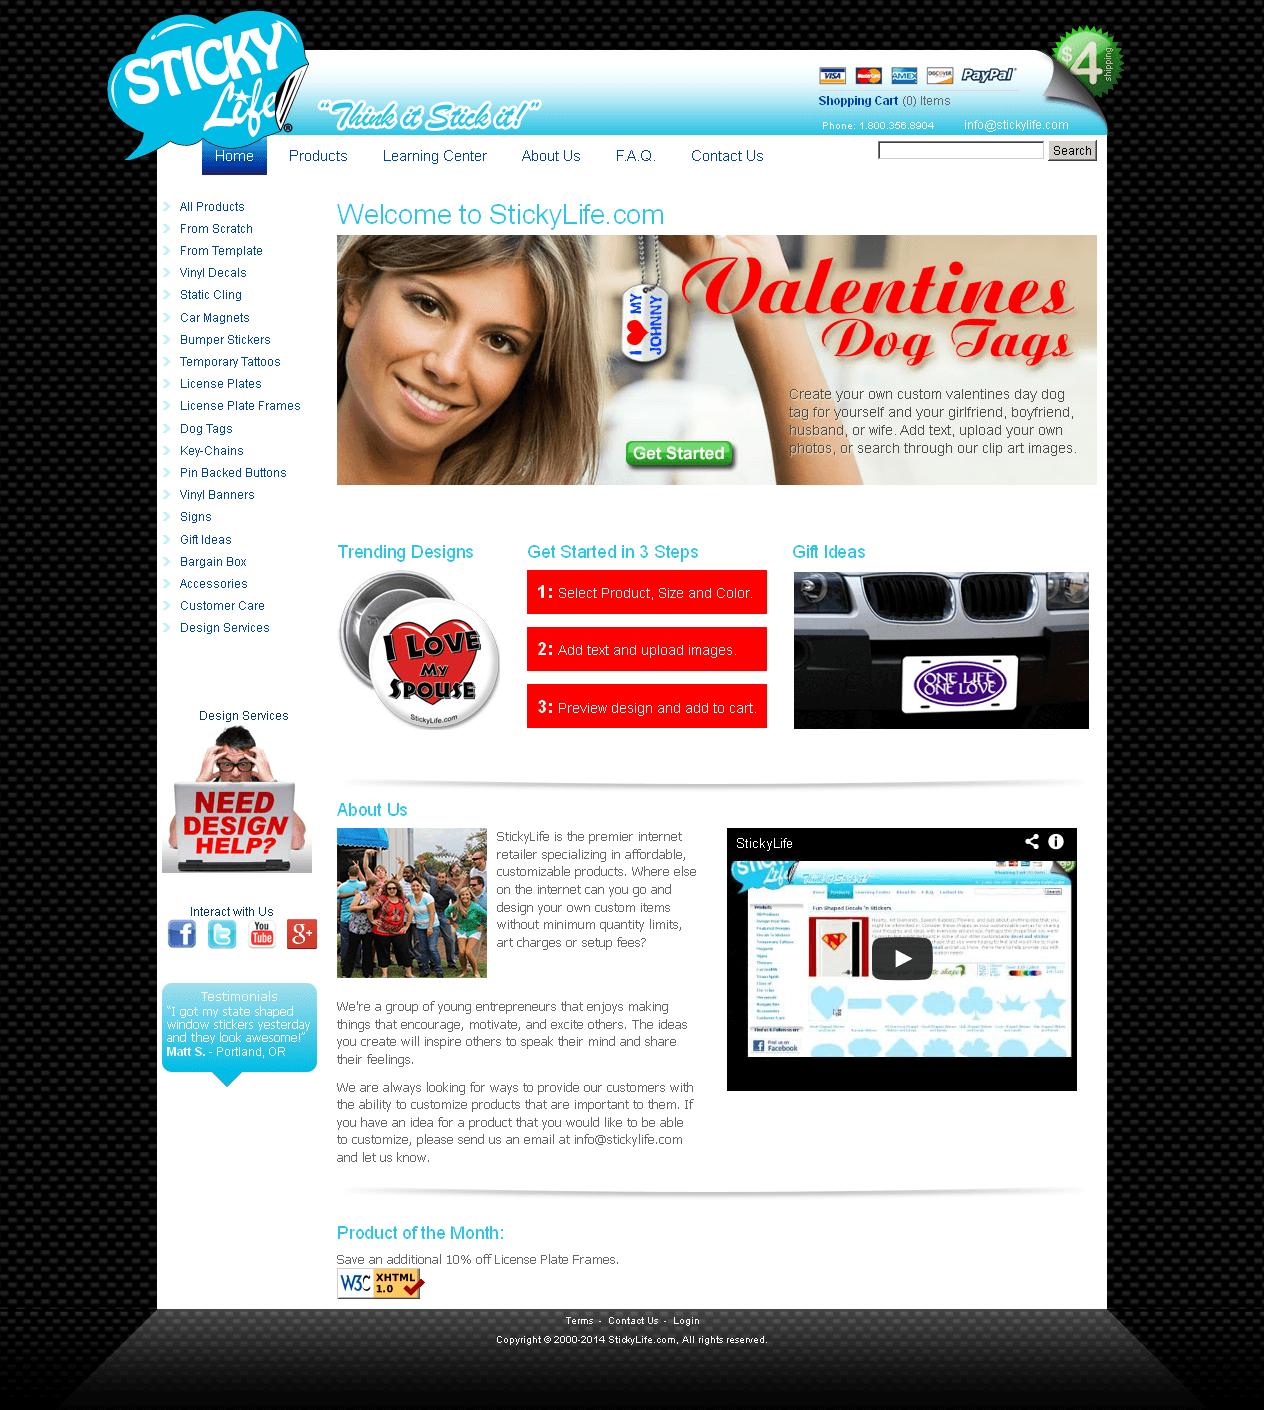 HTML Website for 'String Community' - Contest Program for Student & Teacher